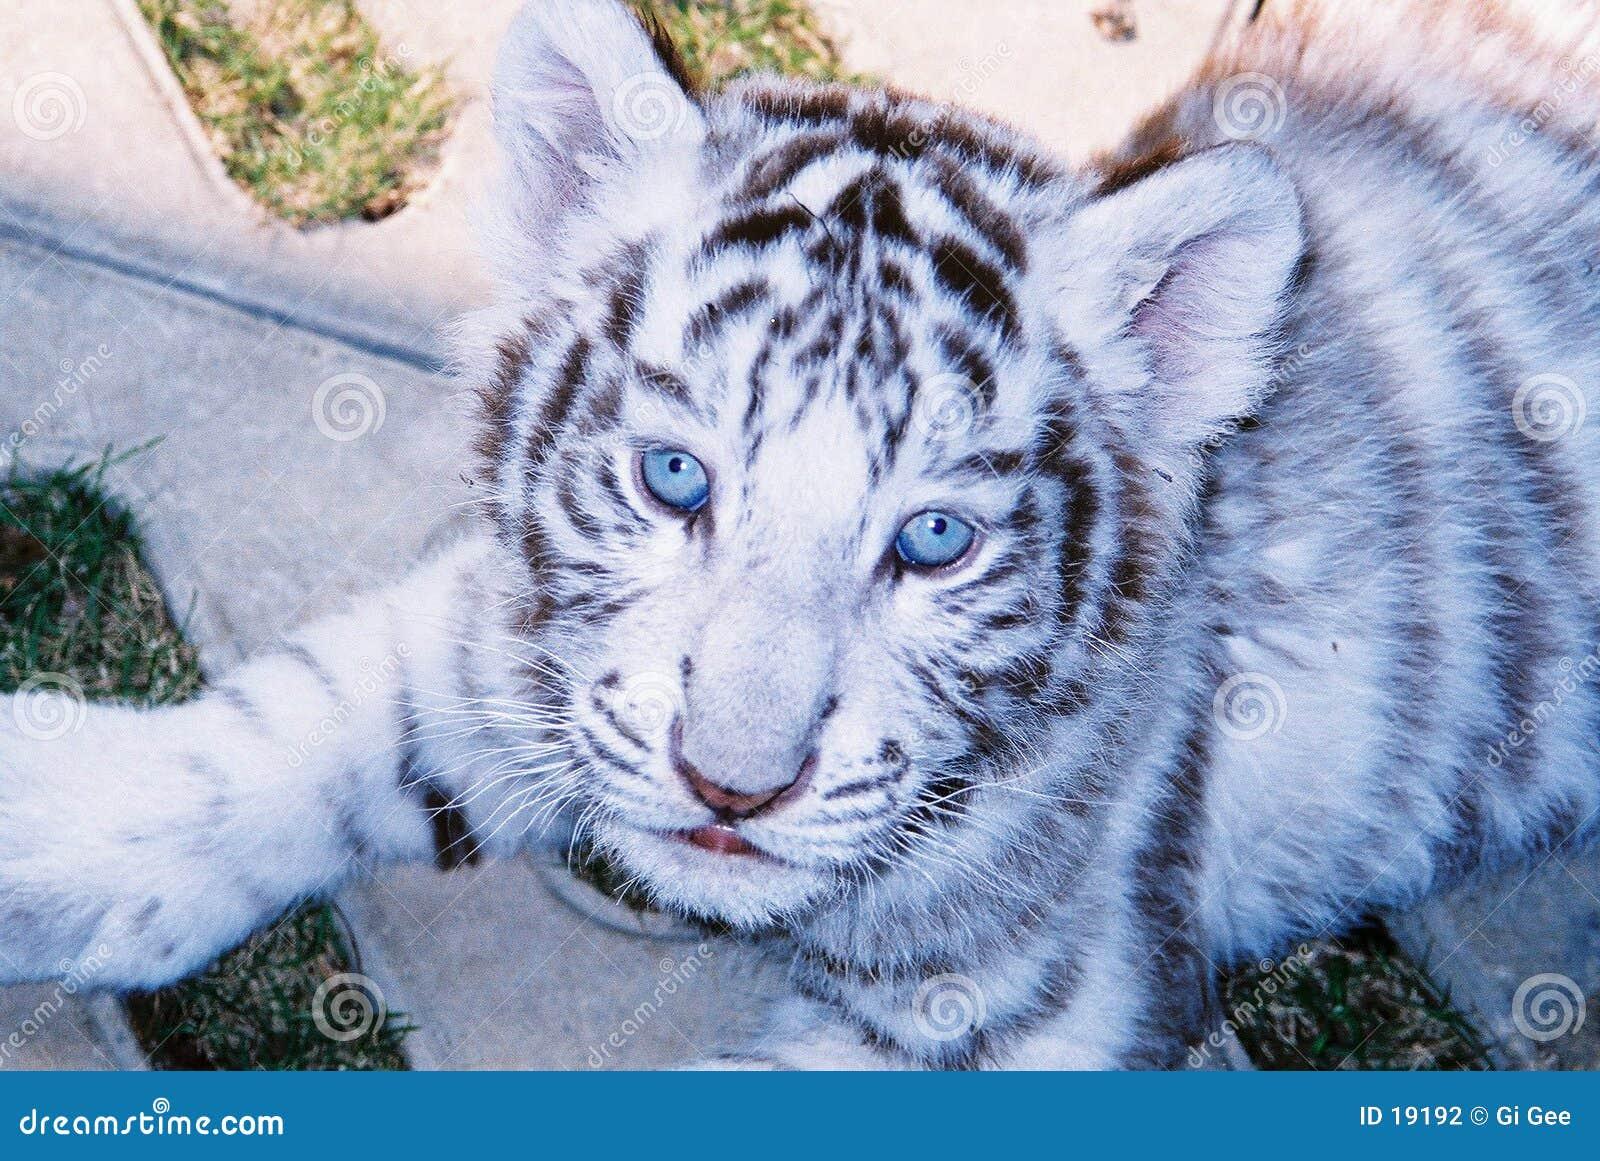 Tigre blanco del bebé en ojos azules